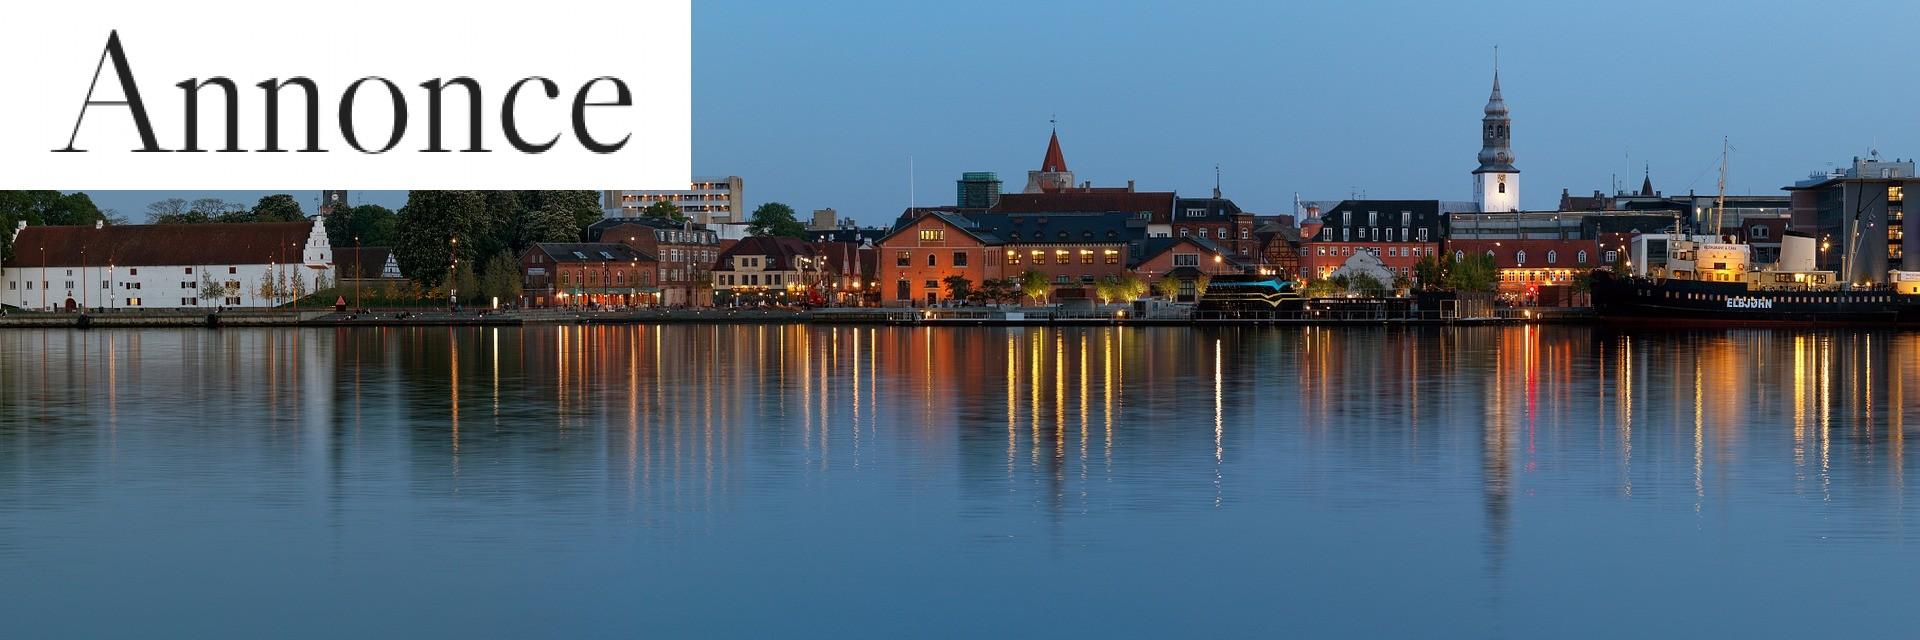 Skal du flytte i Aalborg? Så læs med her